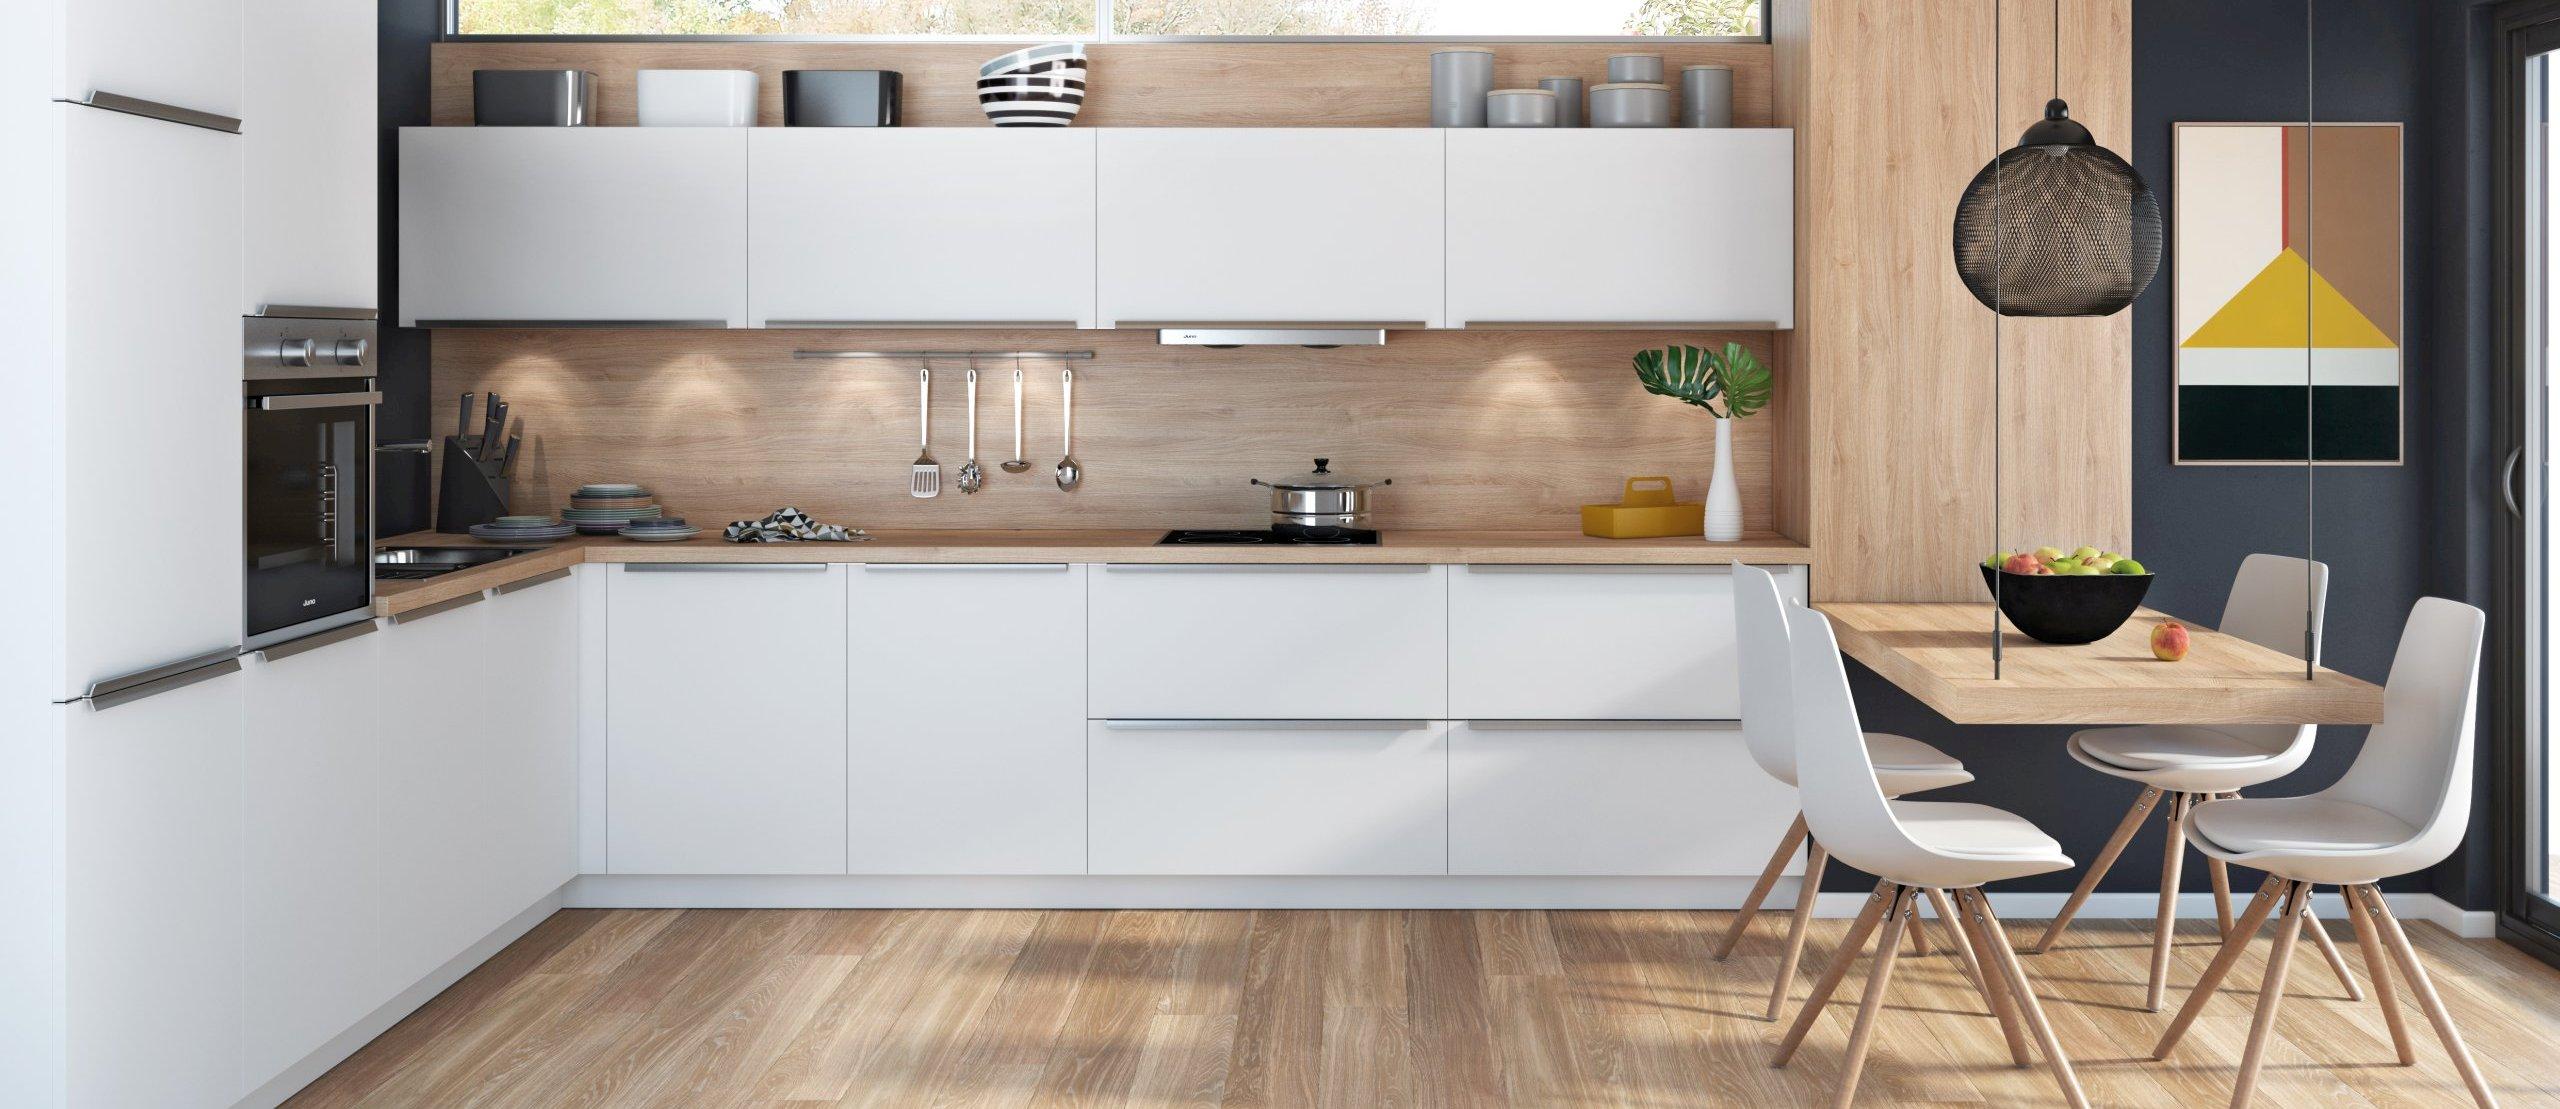 Full Size of Küchen Kche Bad Regal Wohnzimmer Küchen